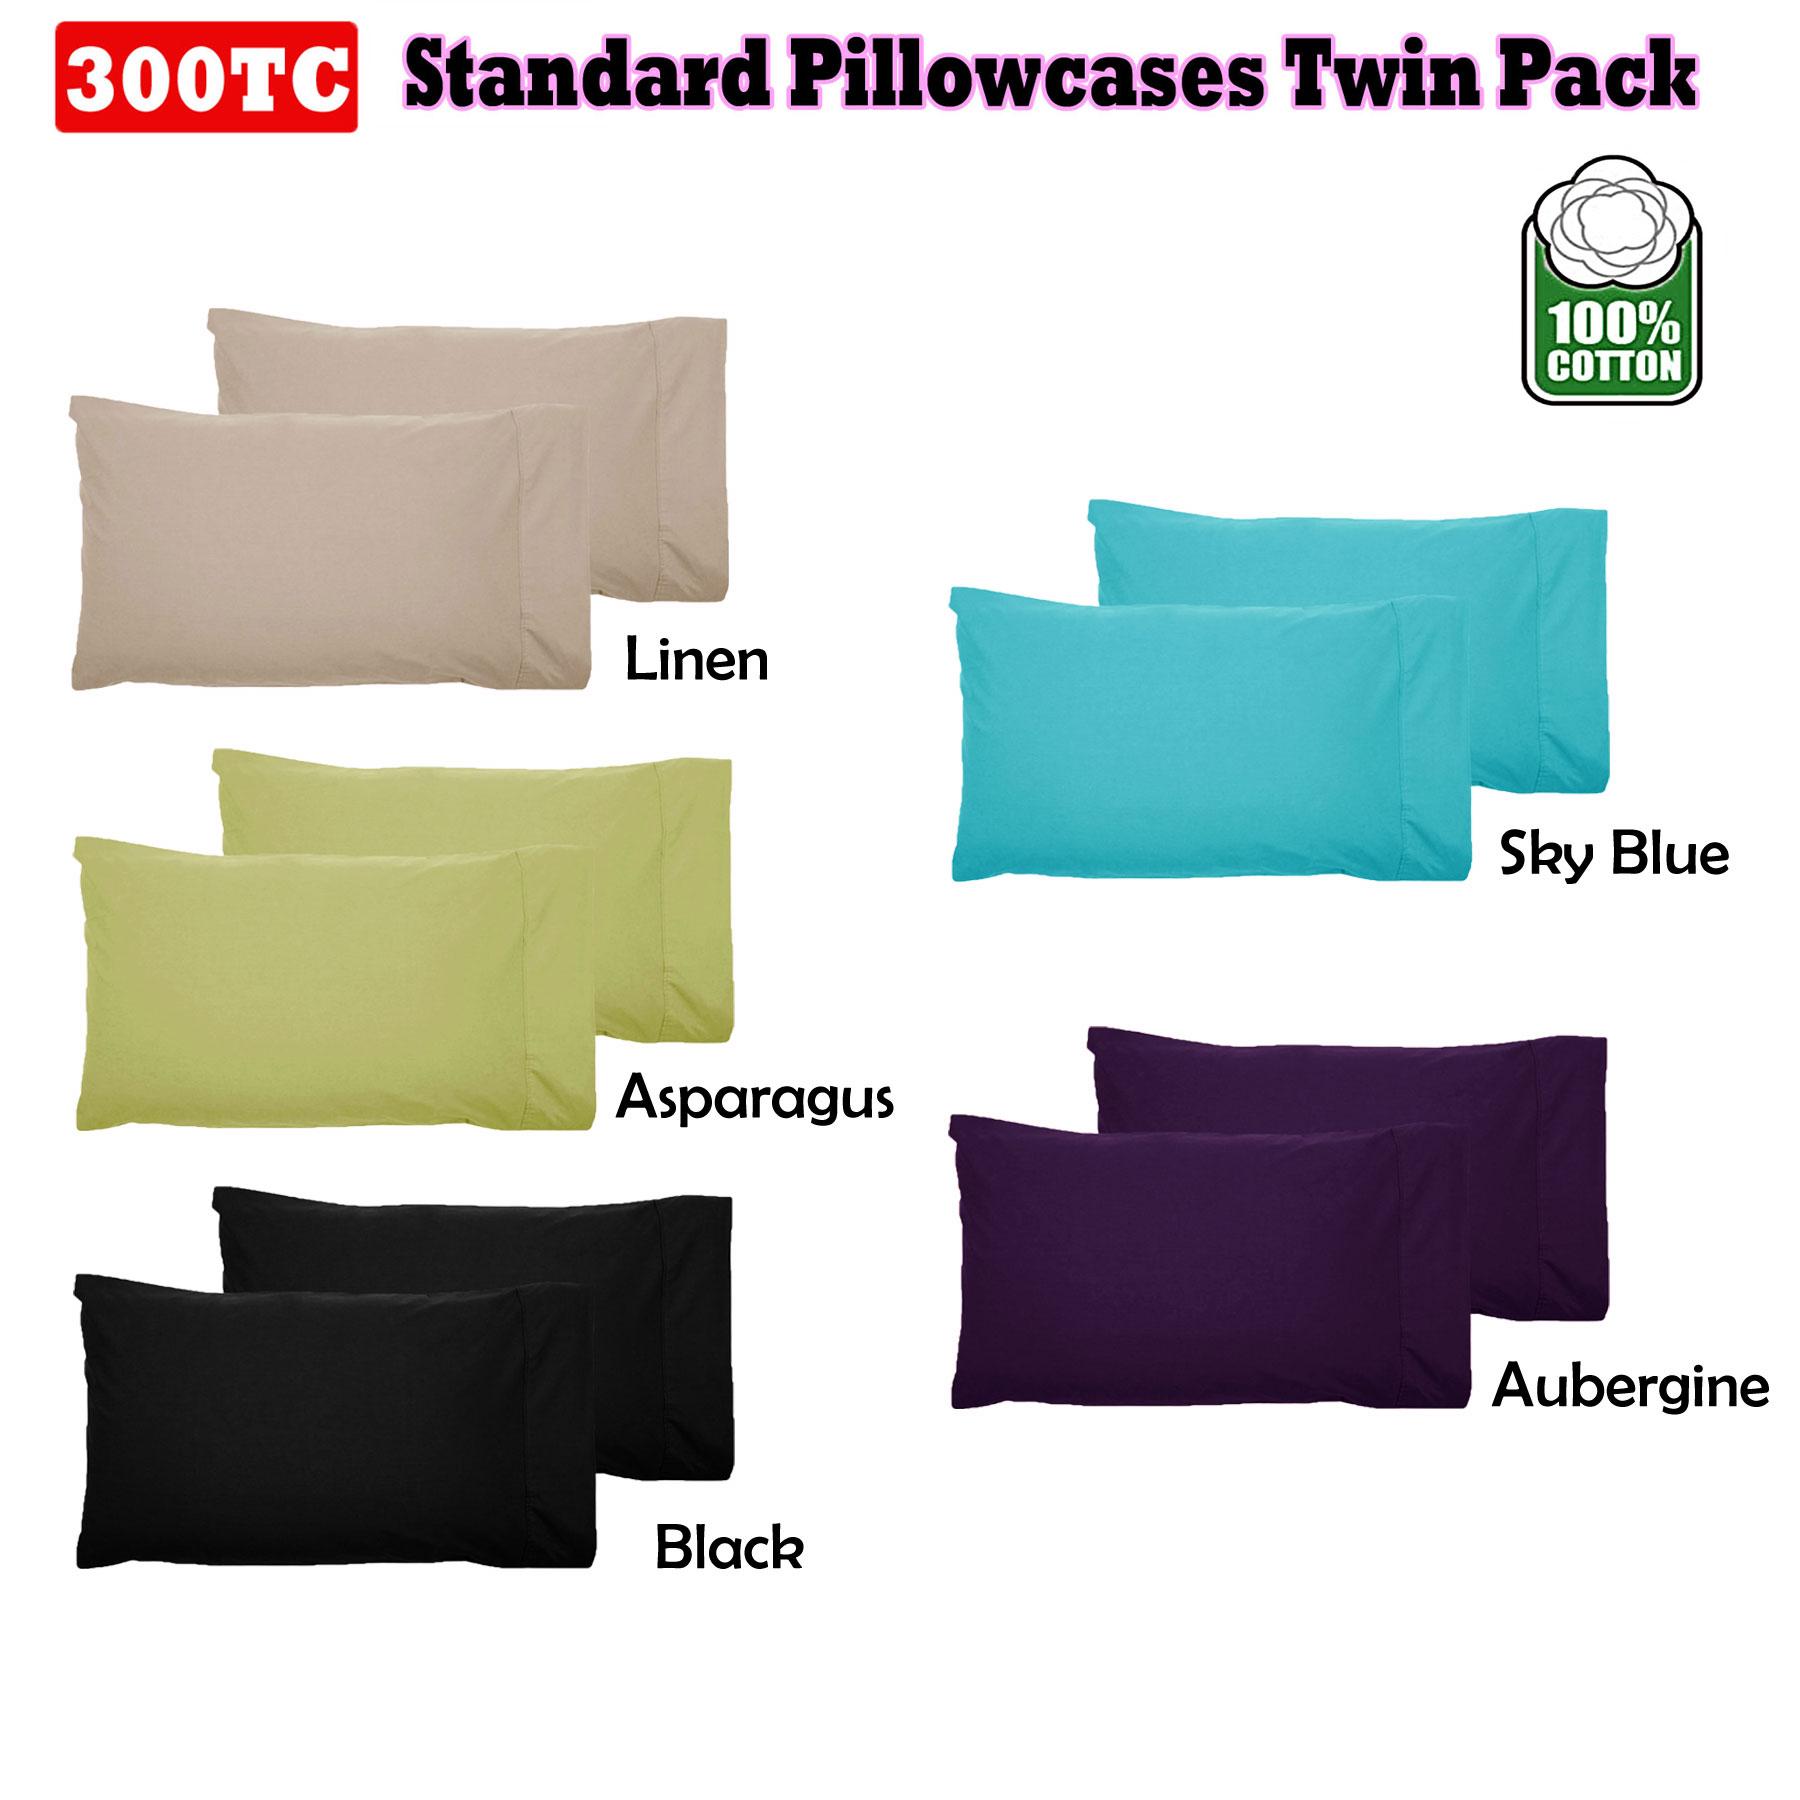 7 Color - Pair ( 2 ) of  100% Cotton & 300TC Standard Pillowcases 48cm x 73cm